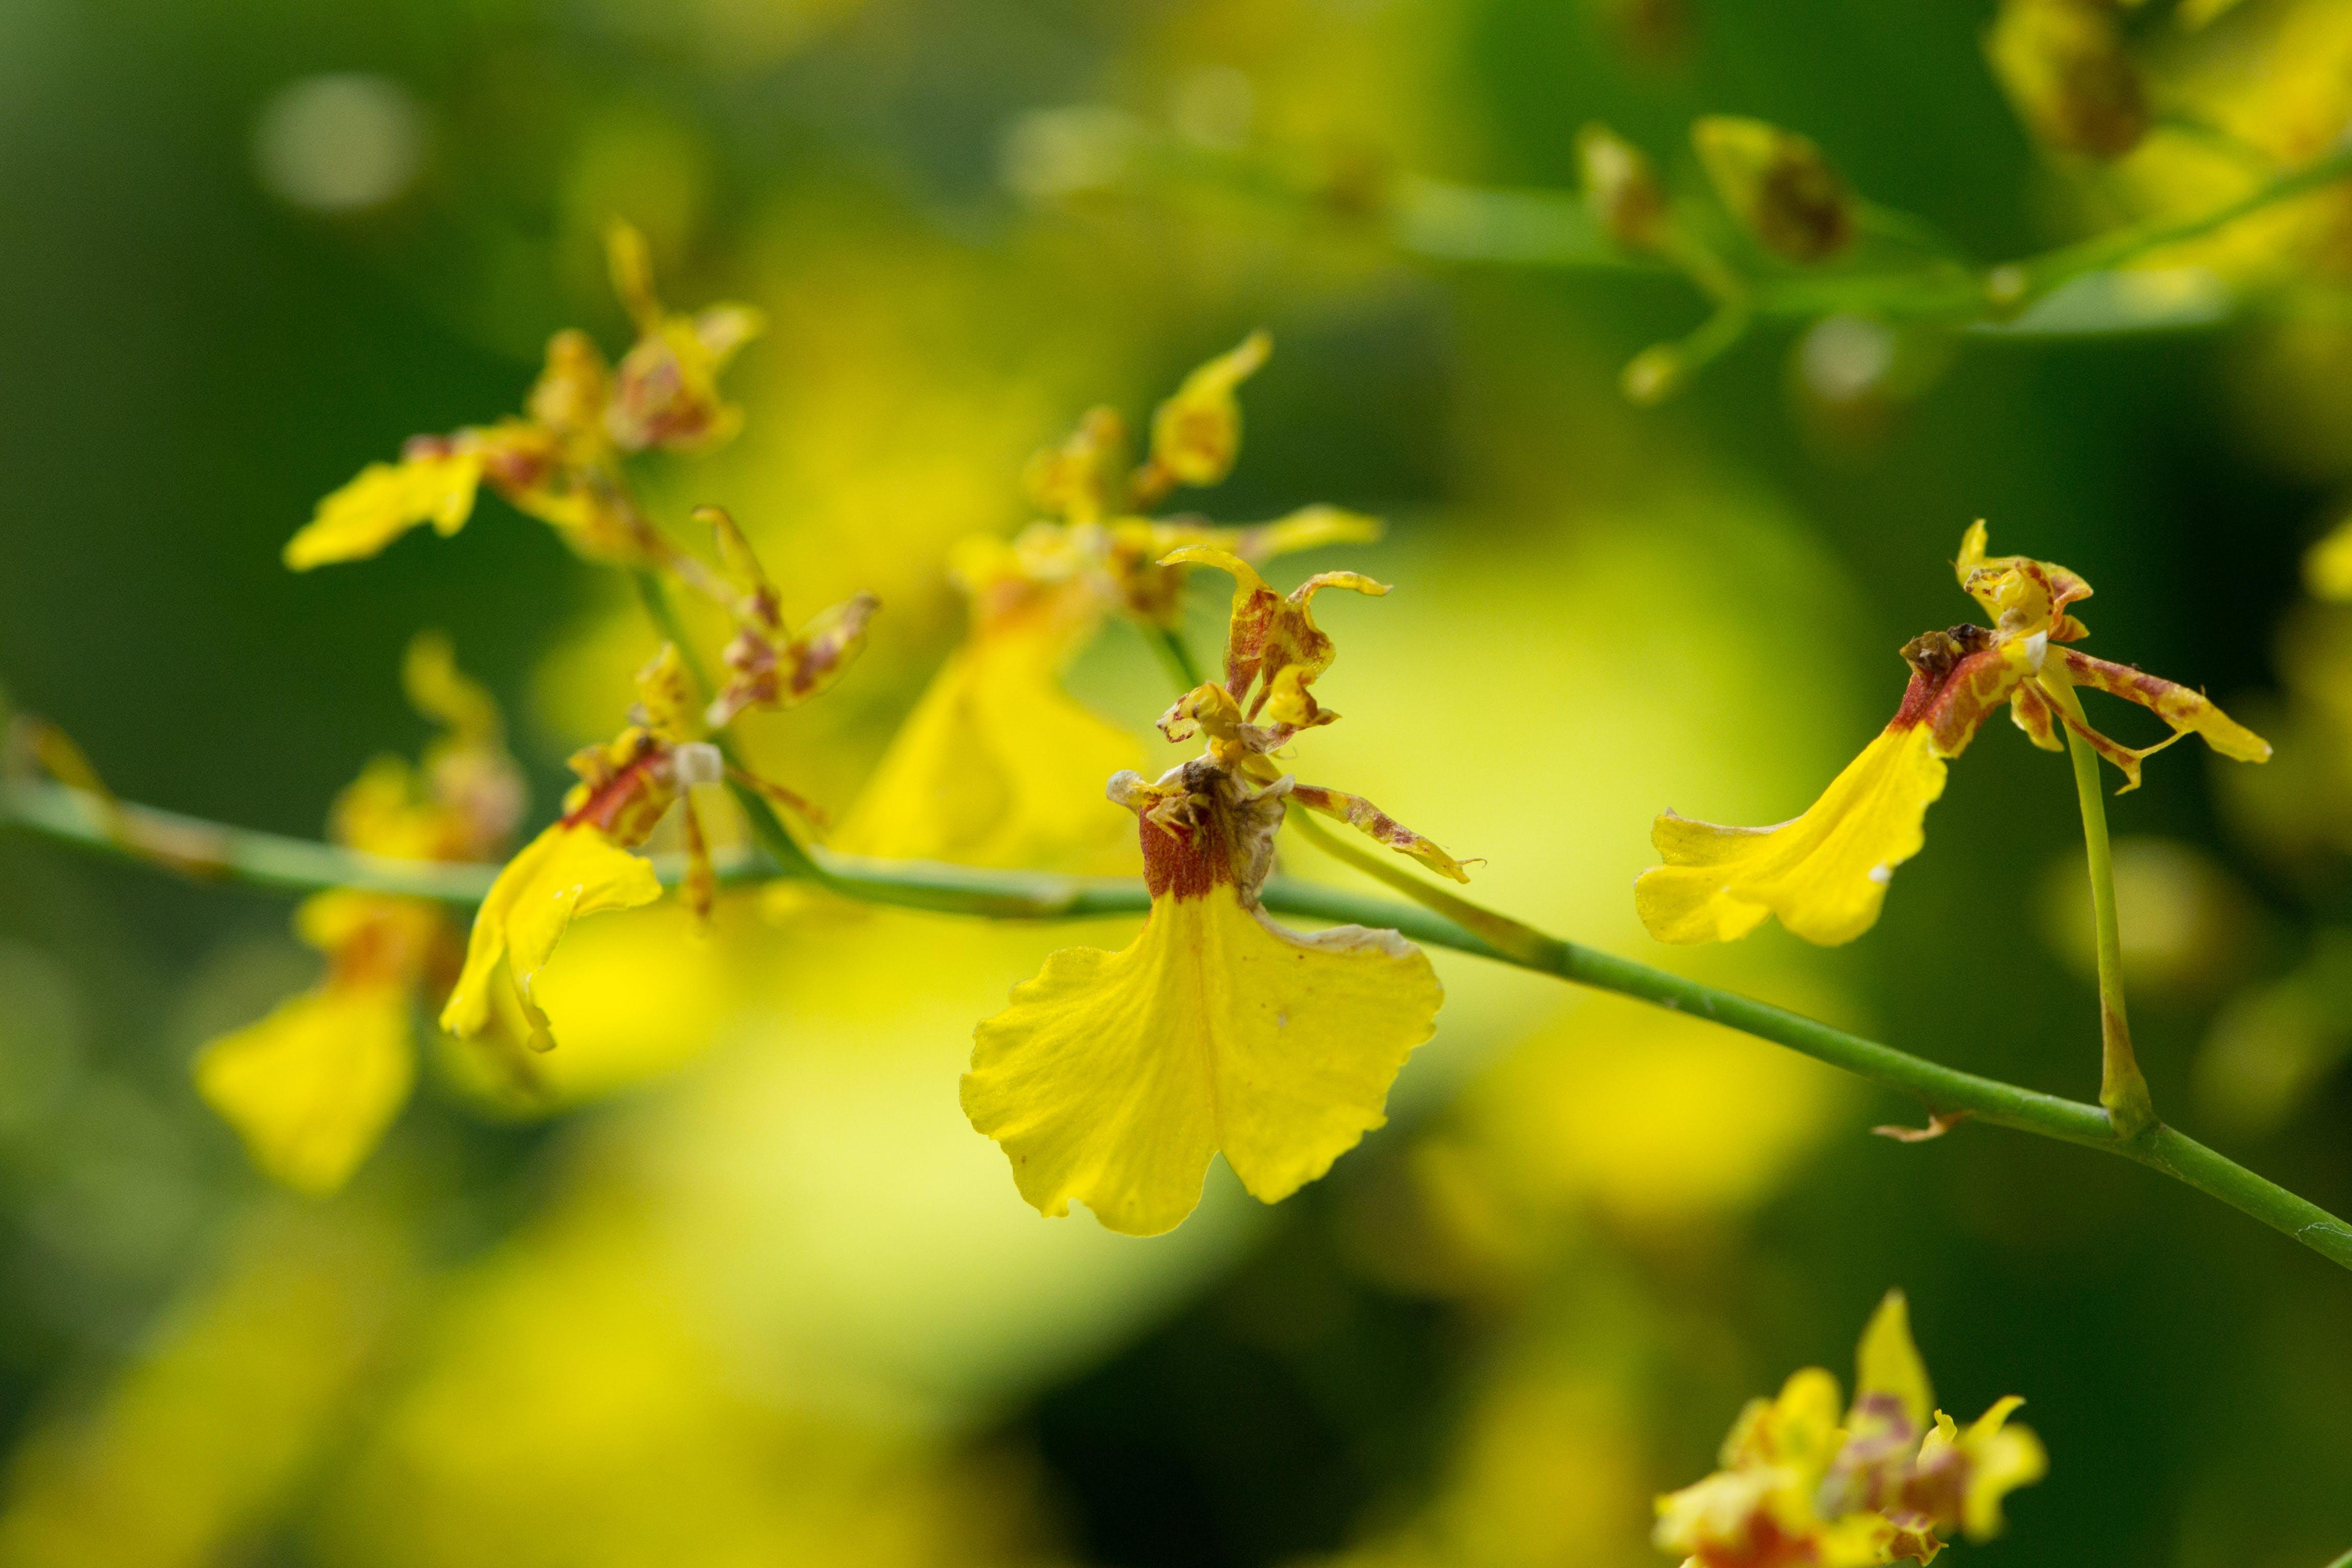 꽃밭, 난초, 노란 꽃, 노란색의 무료 스톡 사진